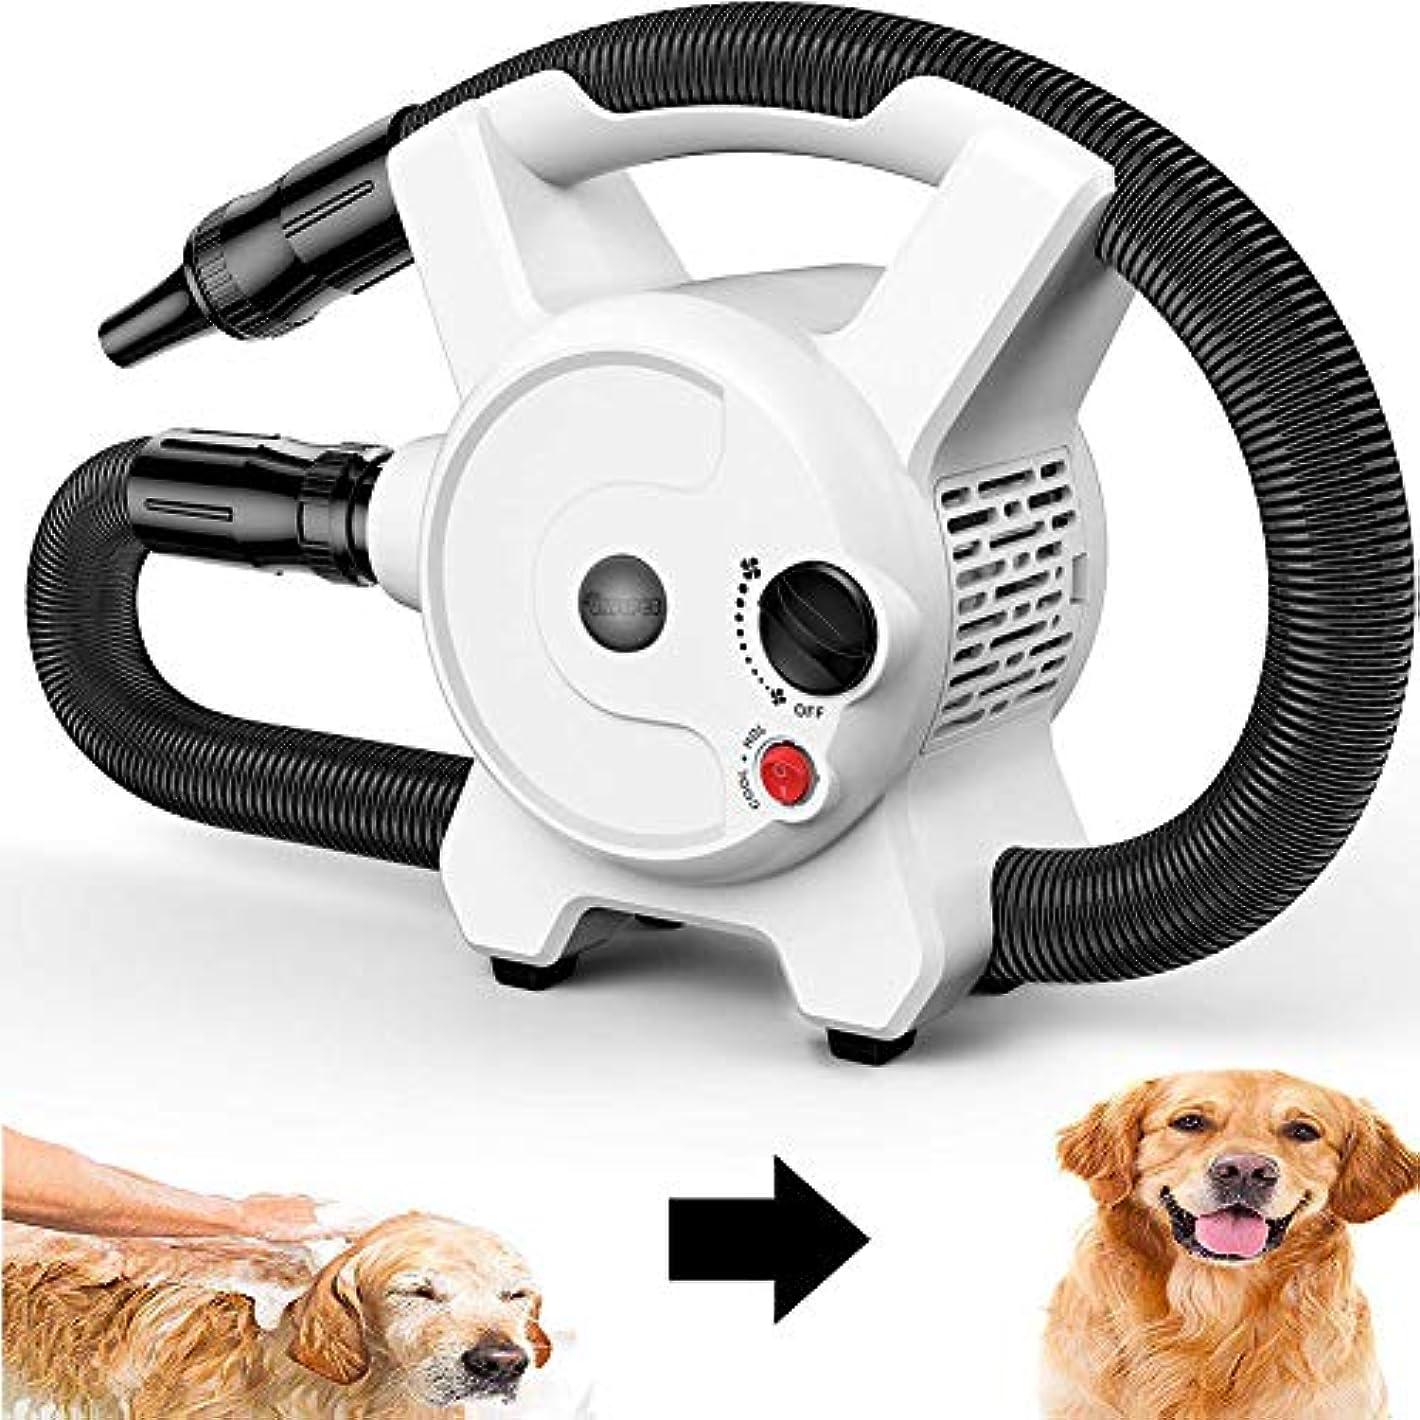 2200Wスピードドッグヘアドライヤー犬猫ペットグルーミングヘアドライヤーヒーターブラスターブロワー1.5Mフレキシブルホースと3ノズル付き調節可能な温度ヒーター